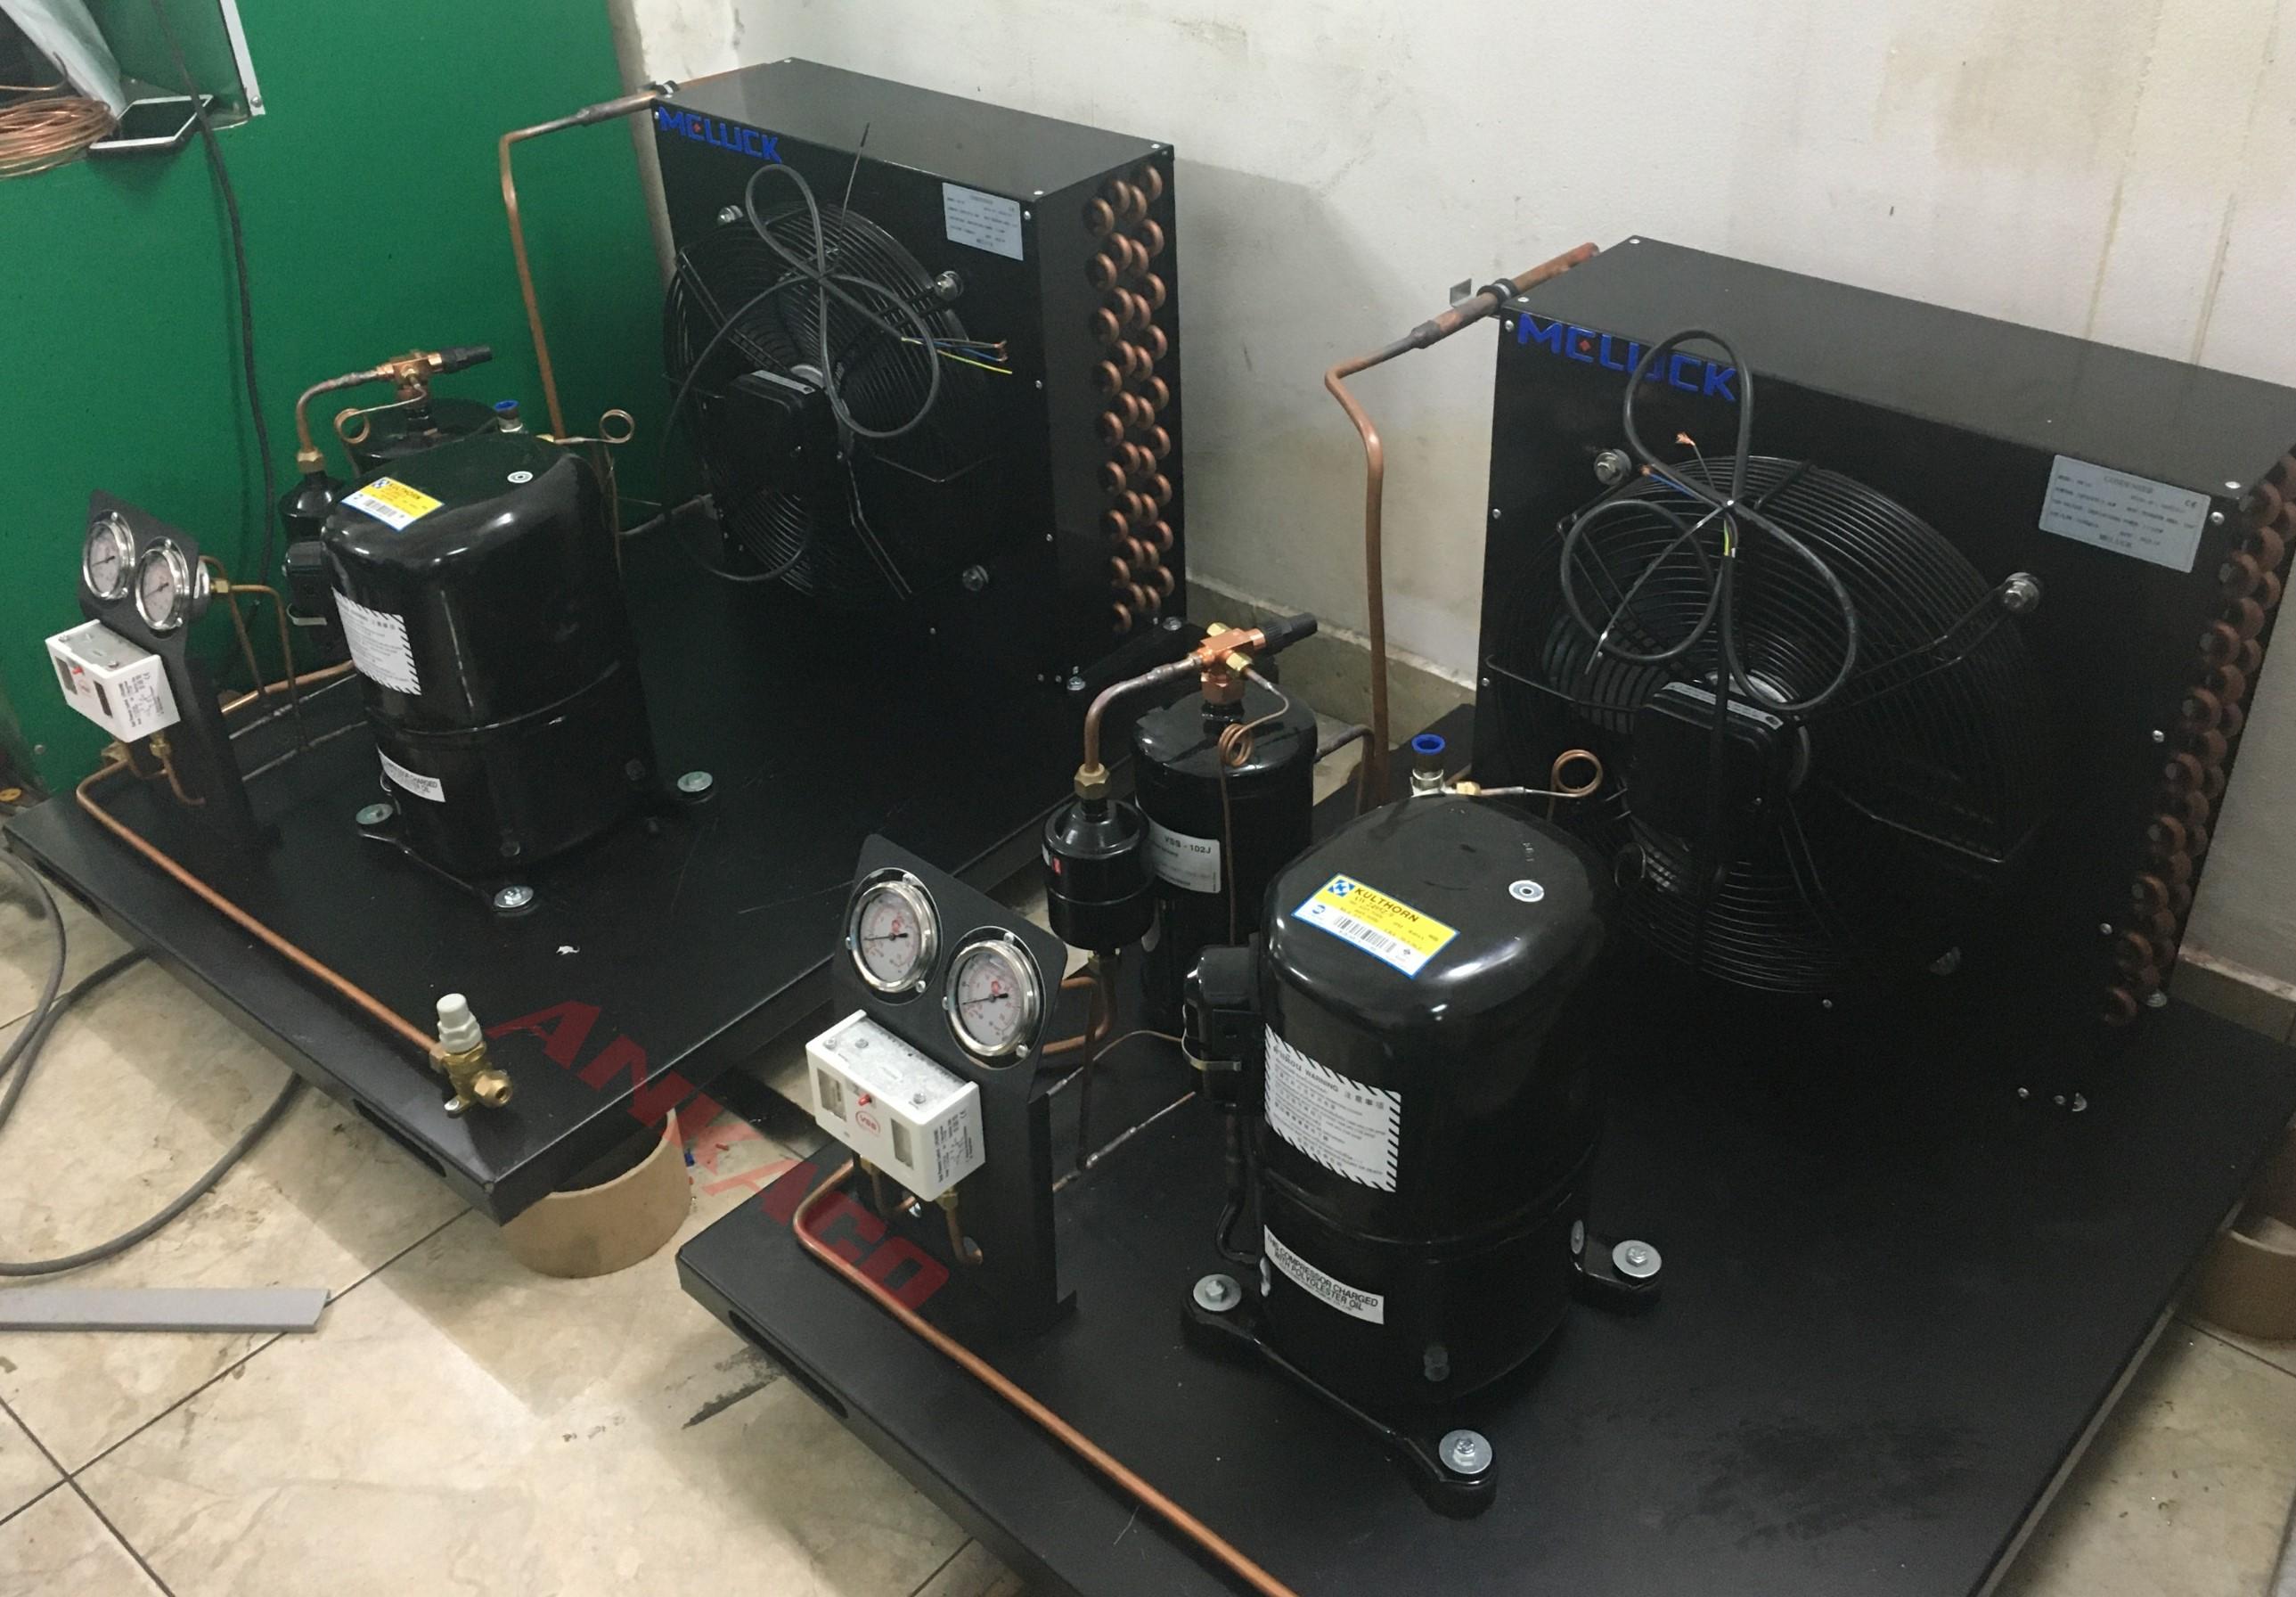 Địa chỉ uy tín cung cấp cụm máy nén dàn ngưng Kulthorn CAW 4524GB tại HCM